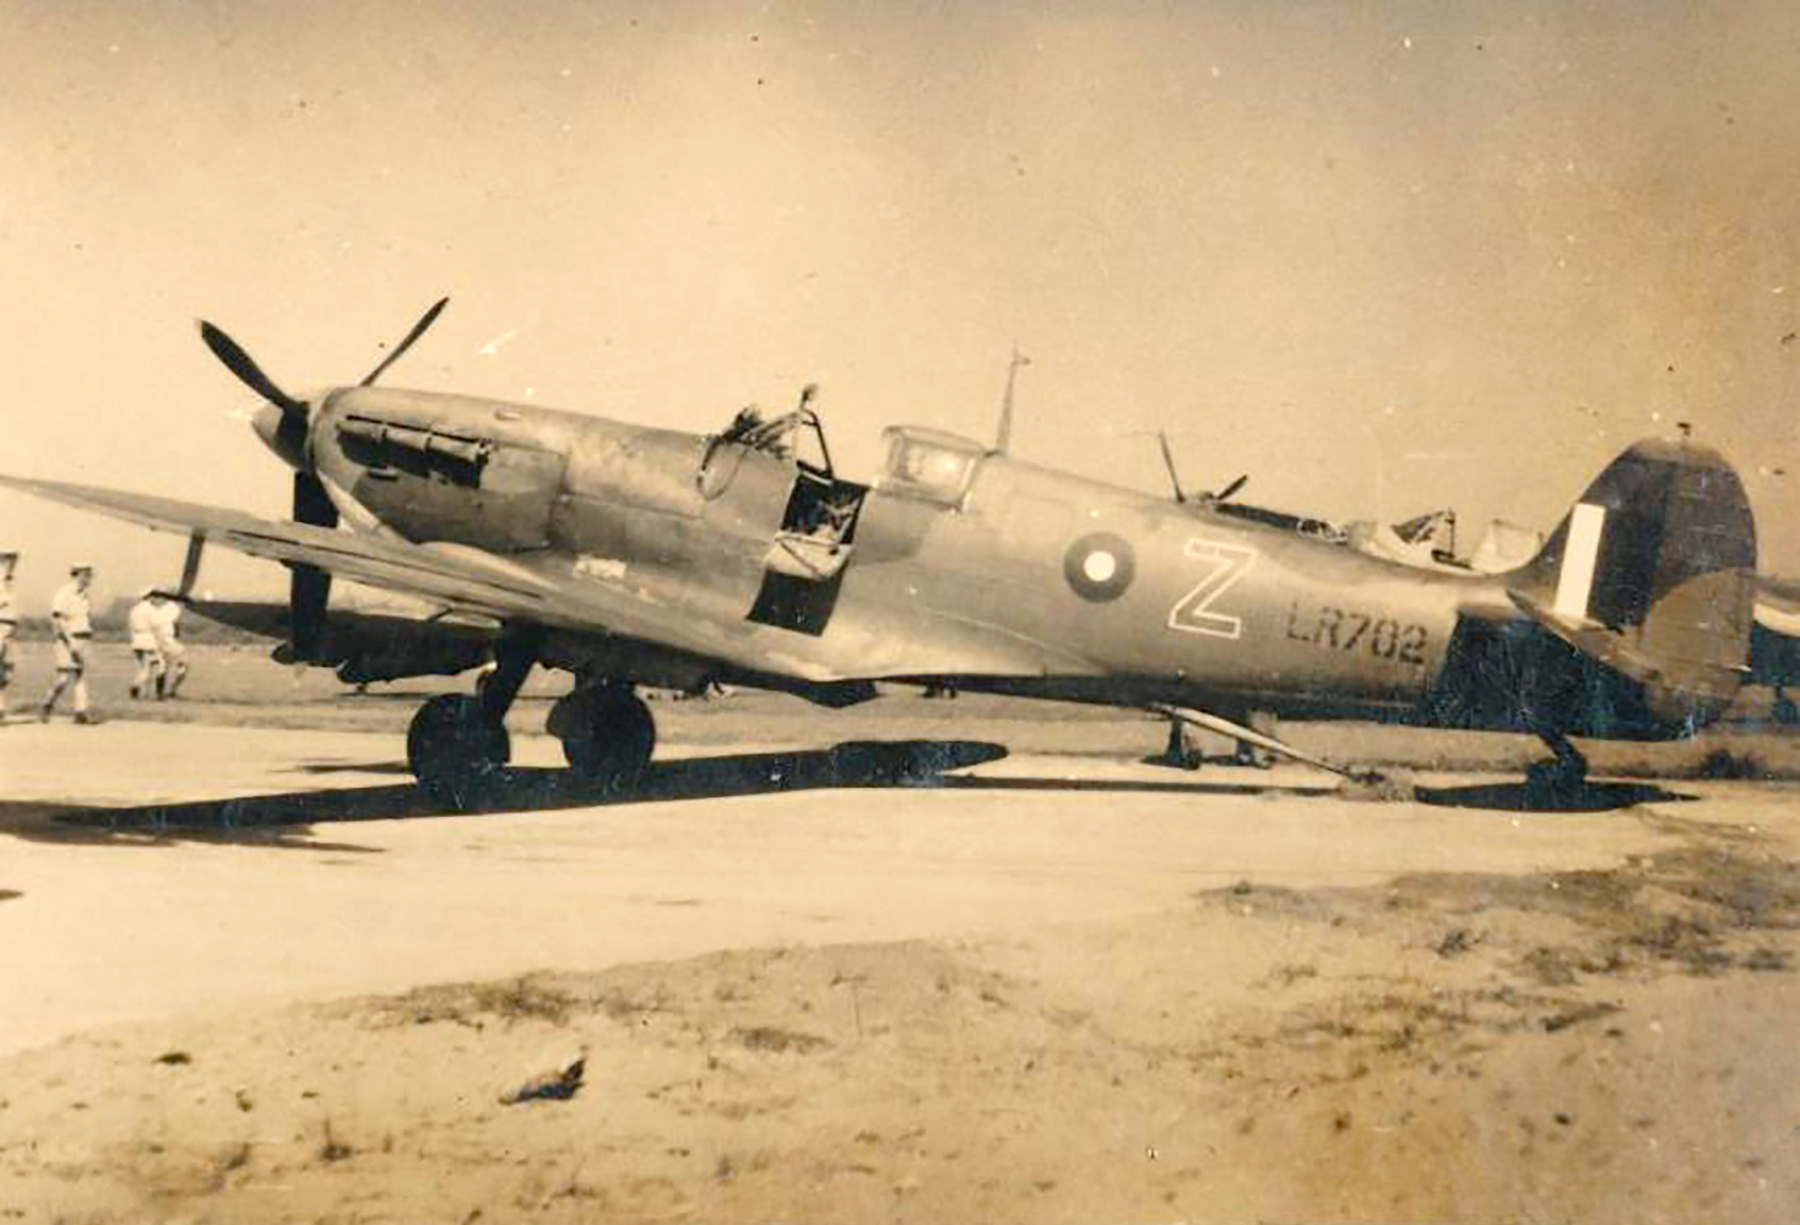 Spitfire MkVcTrop SAAF 11OTU Z LR702 01